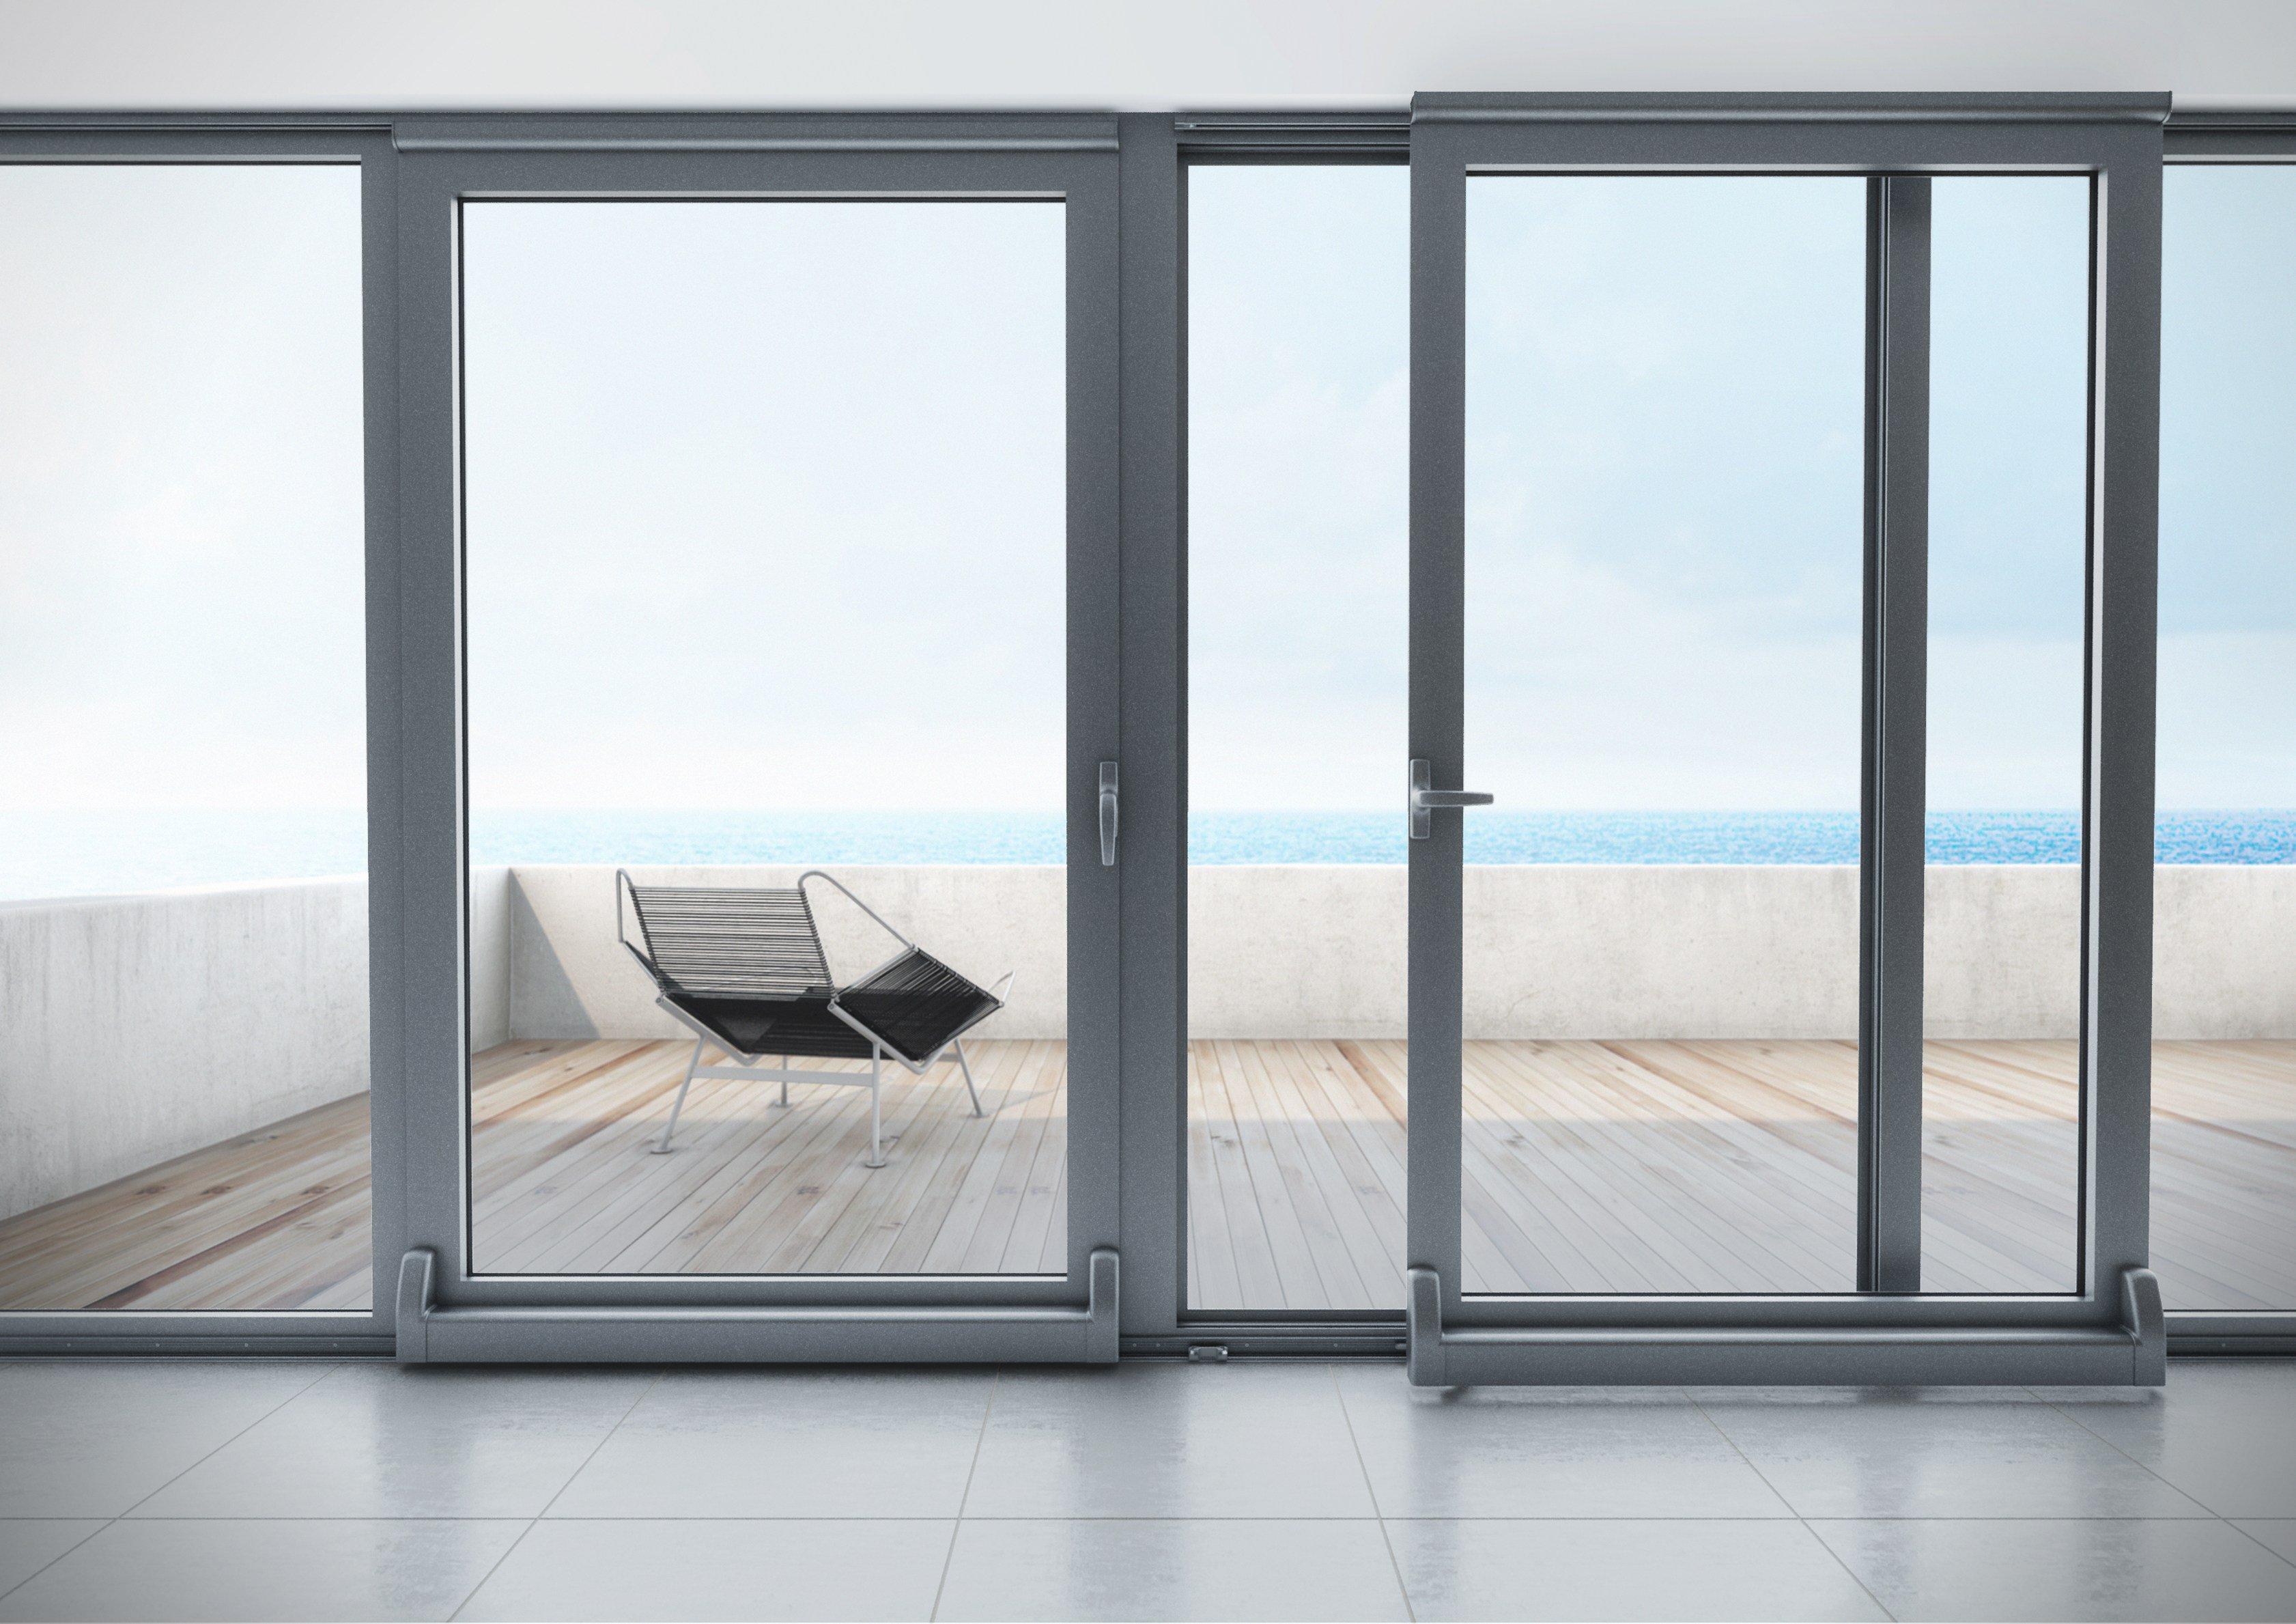 Раздвижные двери на балкон (61 фото): балконные пластиковые,.